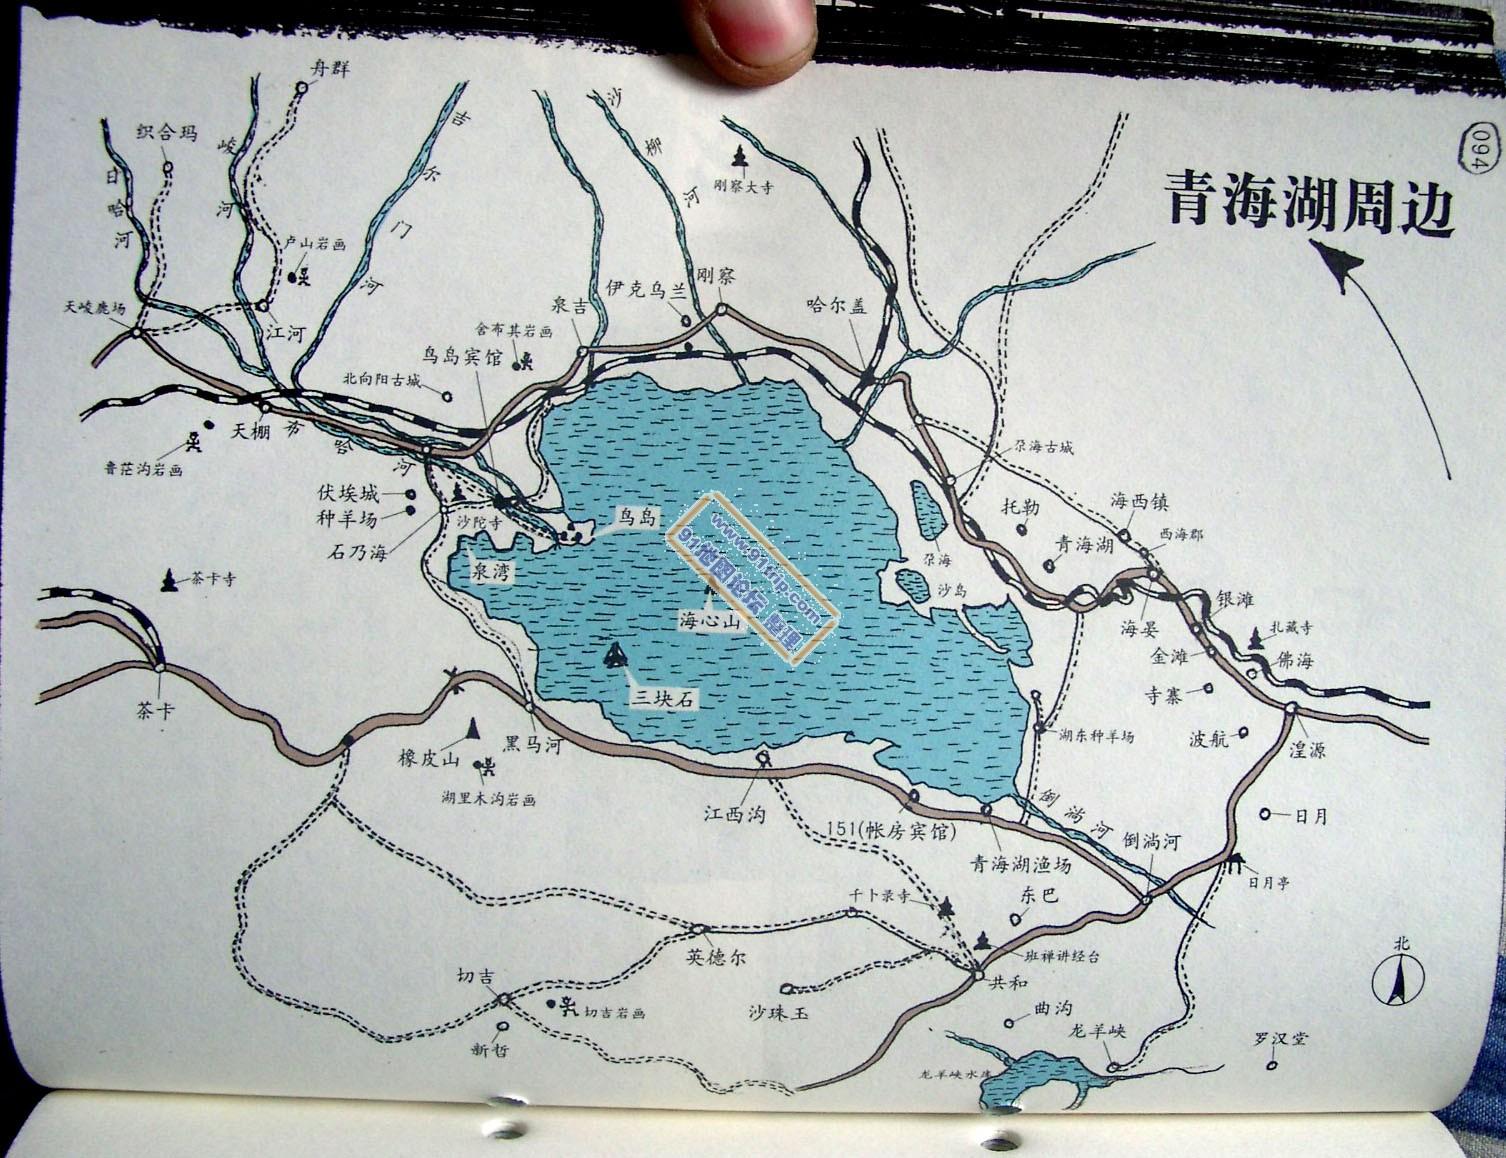 青海湖地图_青海旅游地图查询